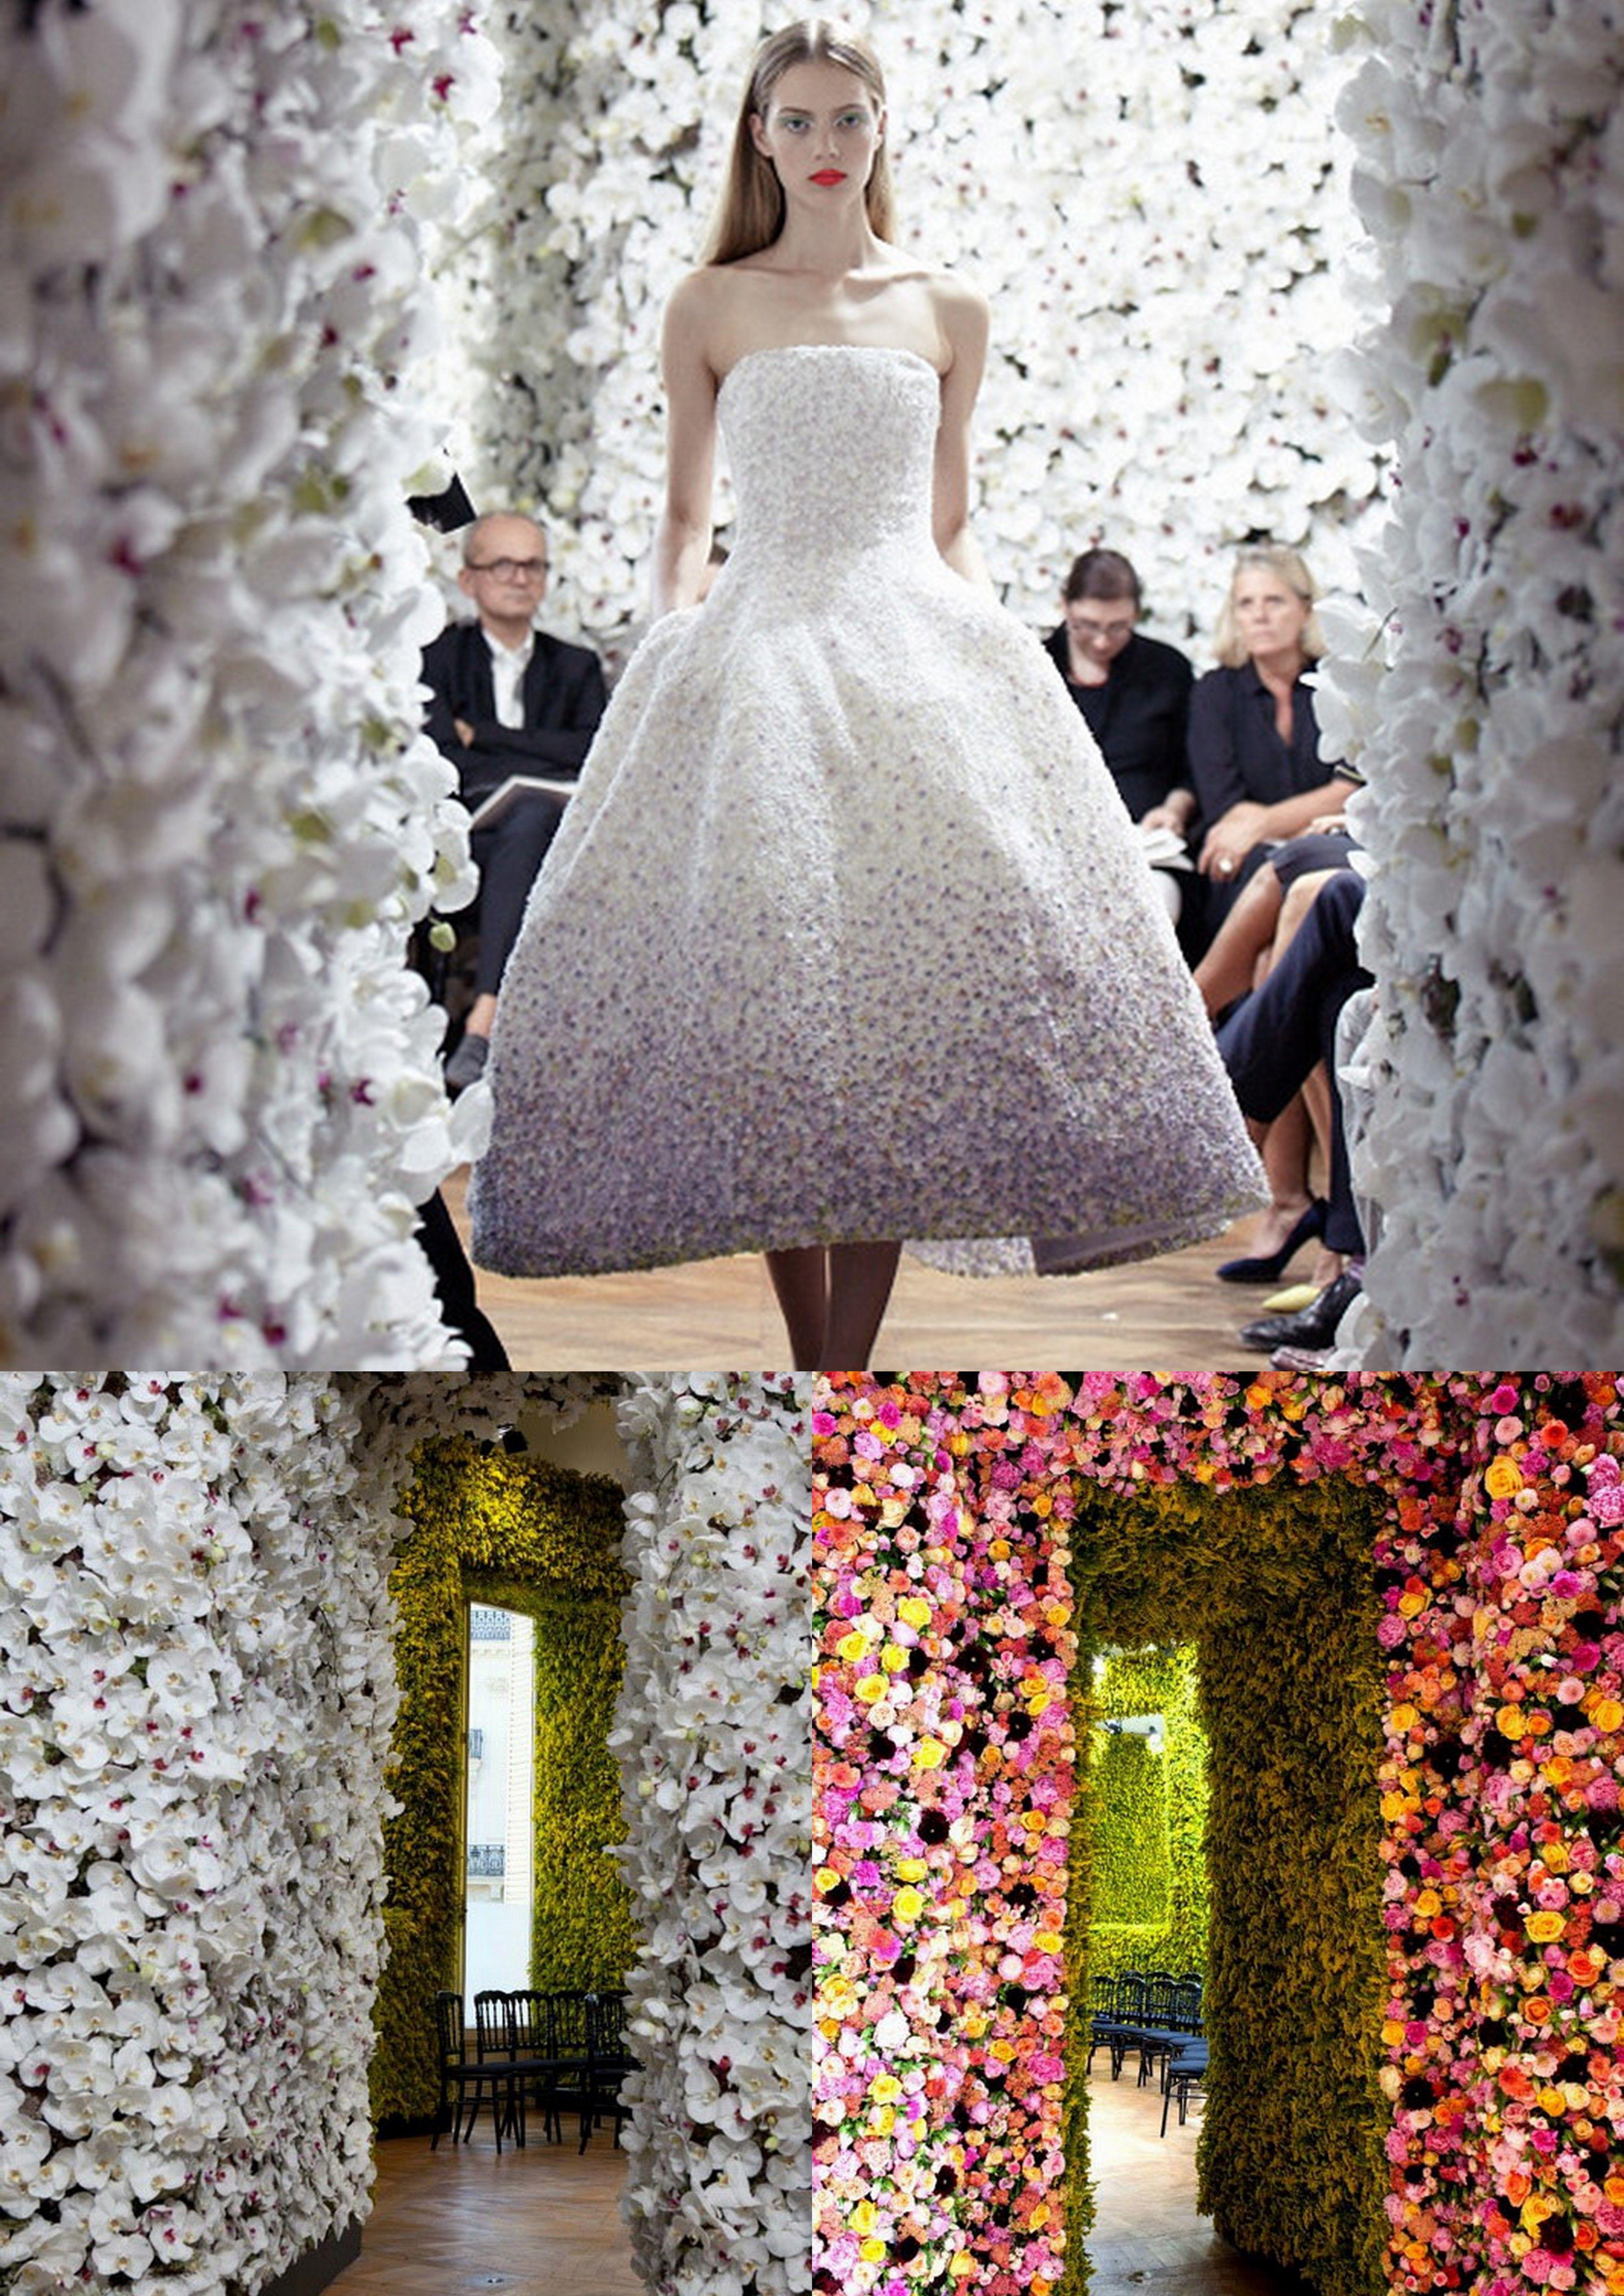 dior e eu - @cagliaricastro | Fashion | Pinterest | Photoshoot, Dior ...